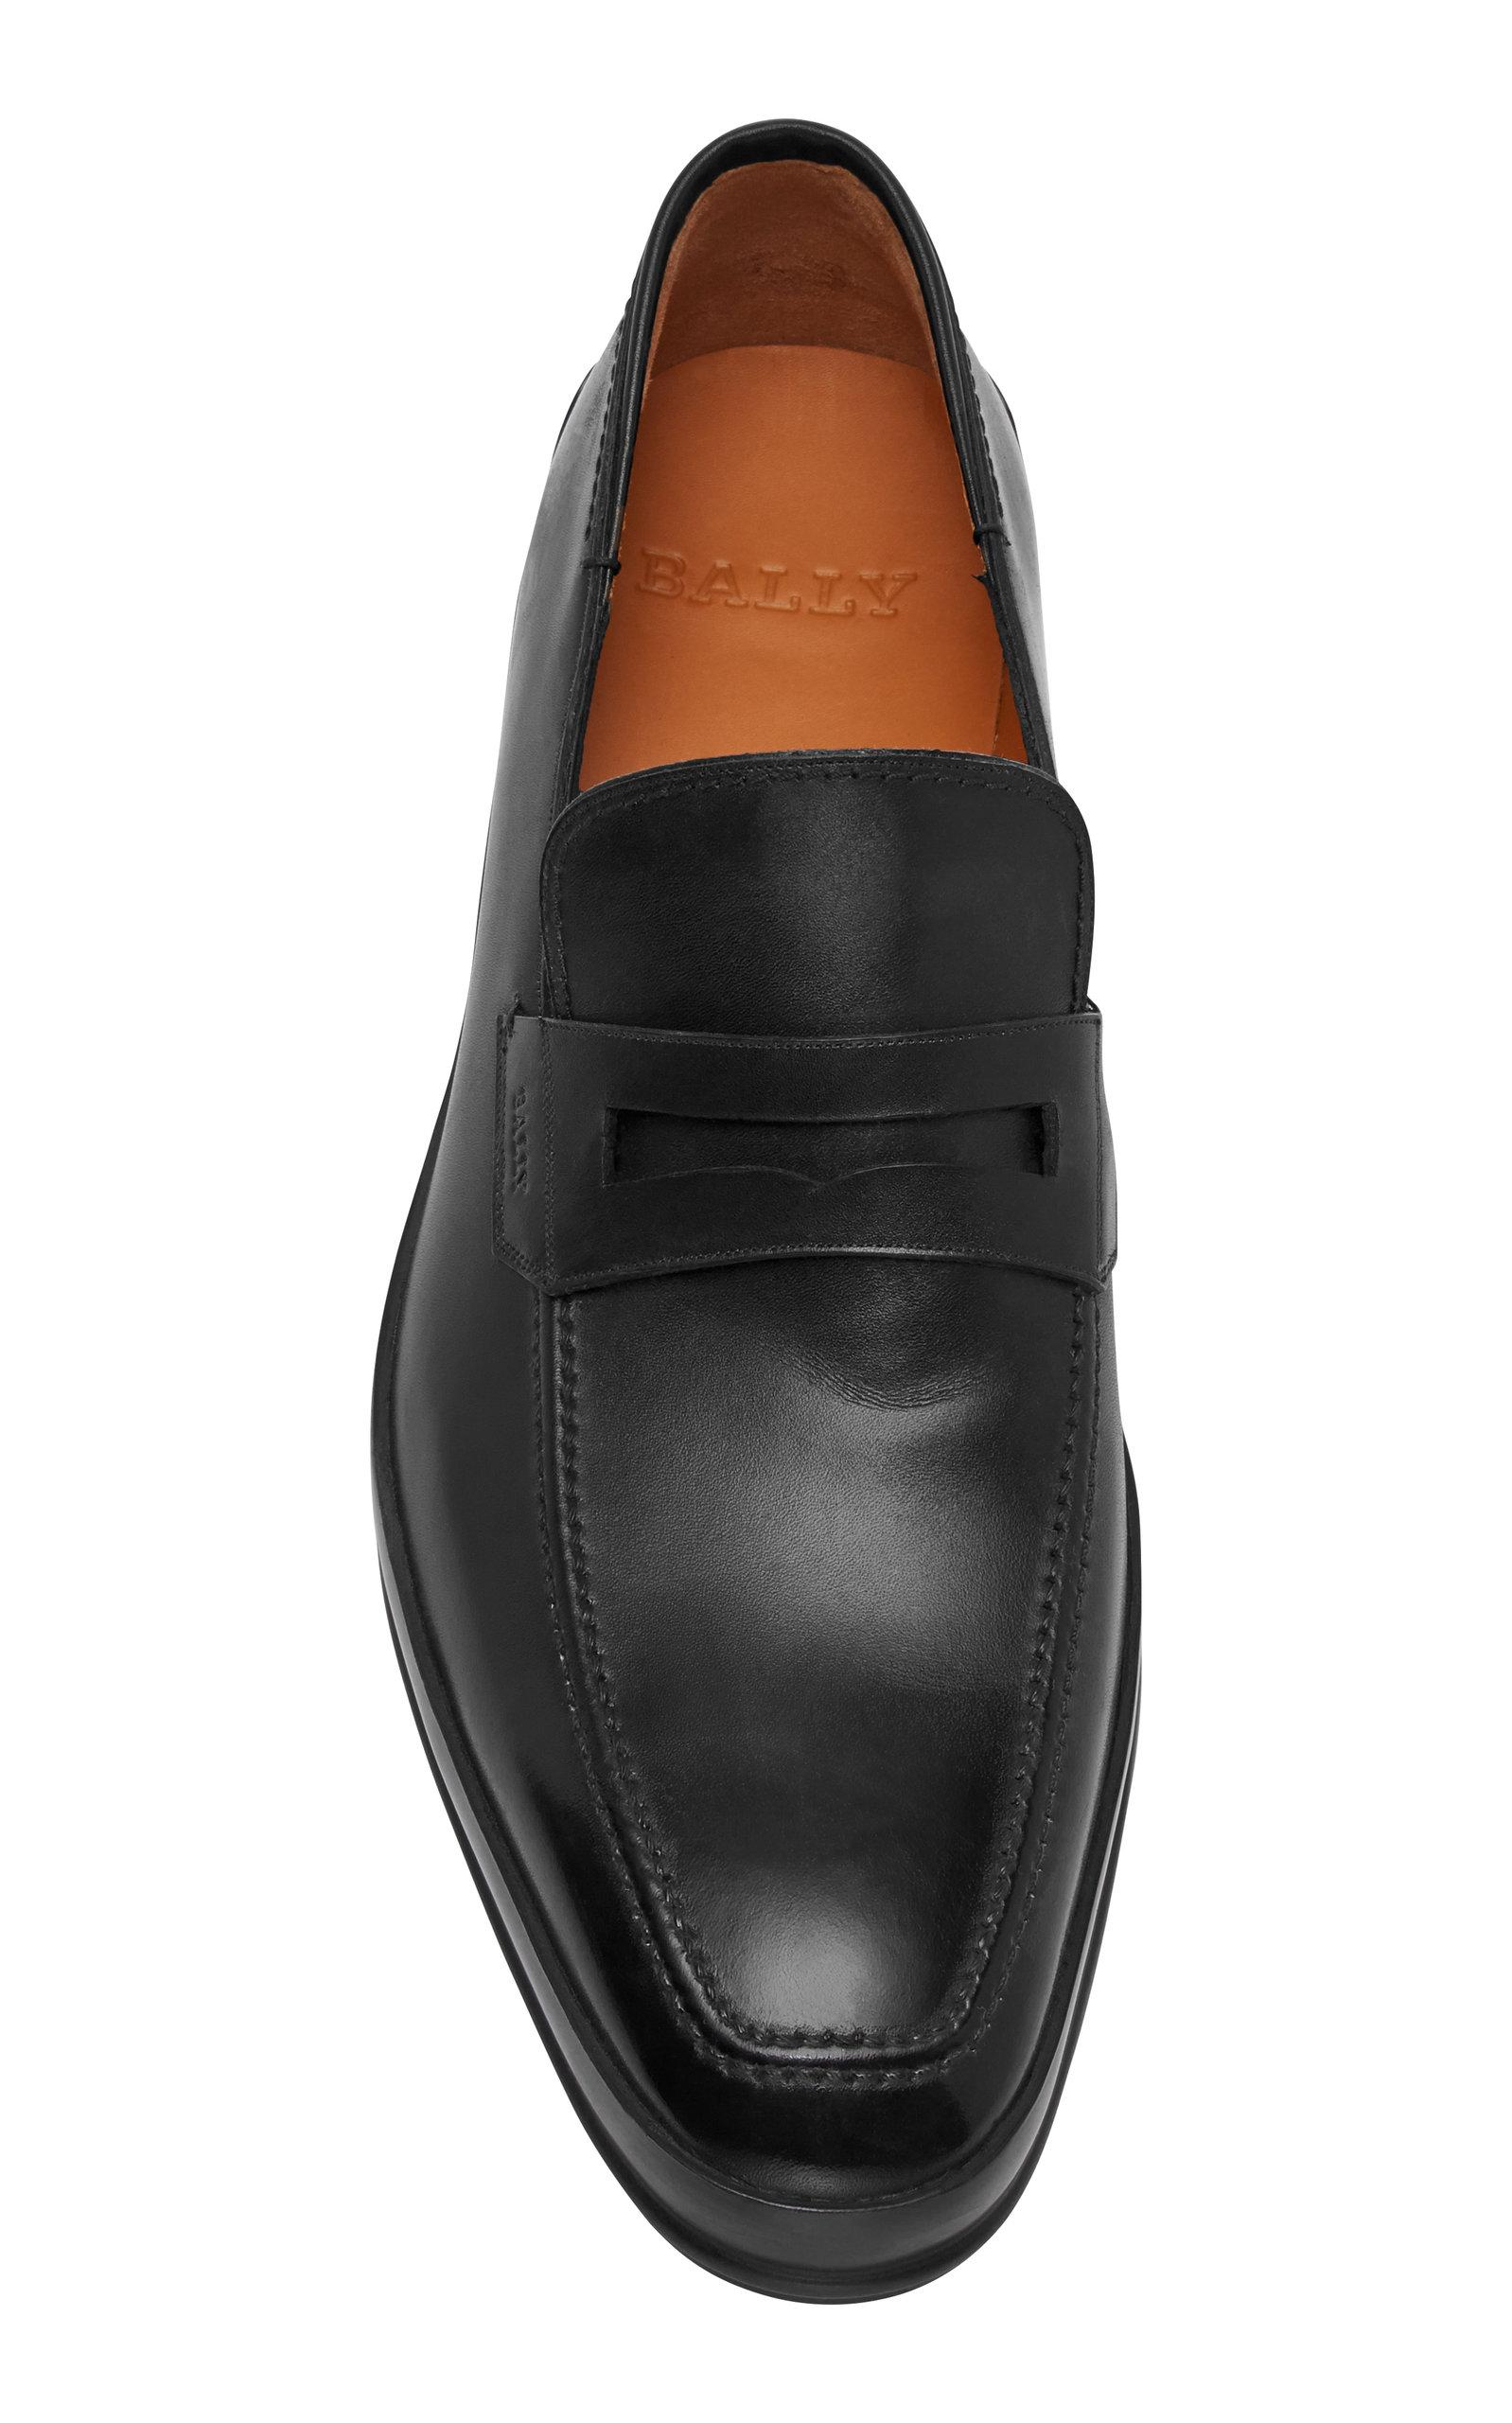 fa32e5d9980 BallyRelon Calfskin Penny Loafers. CLOSE. Loading. Loading. Loading